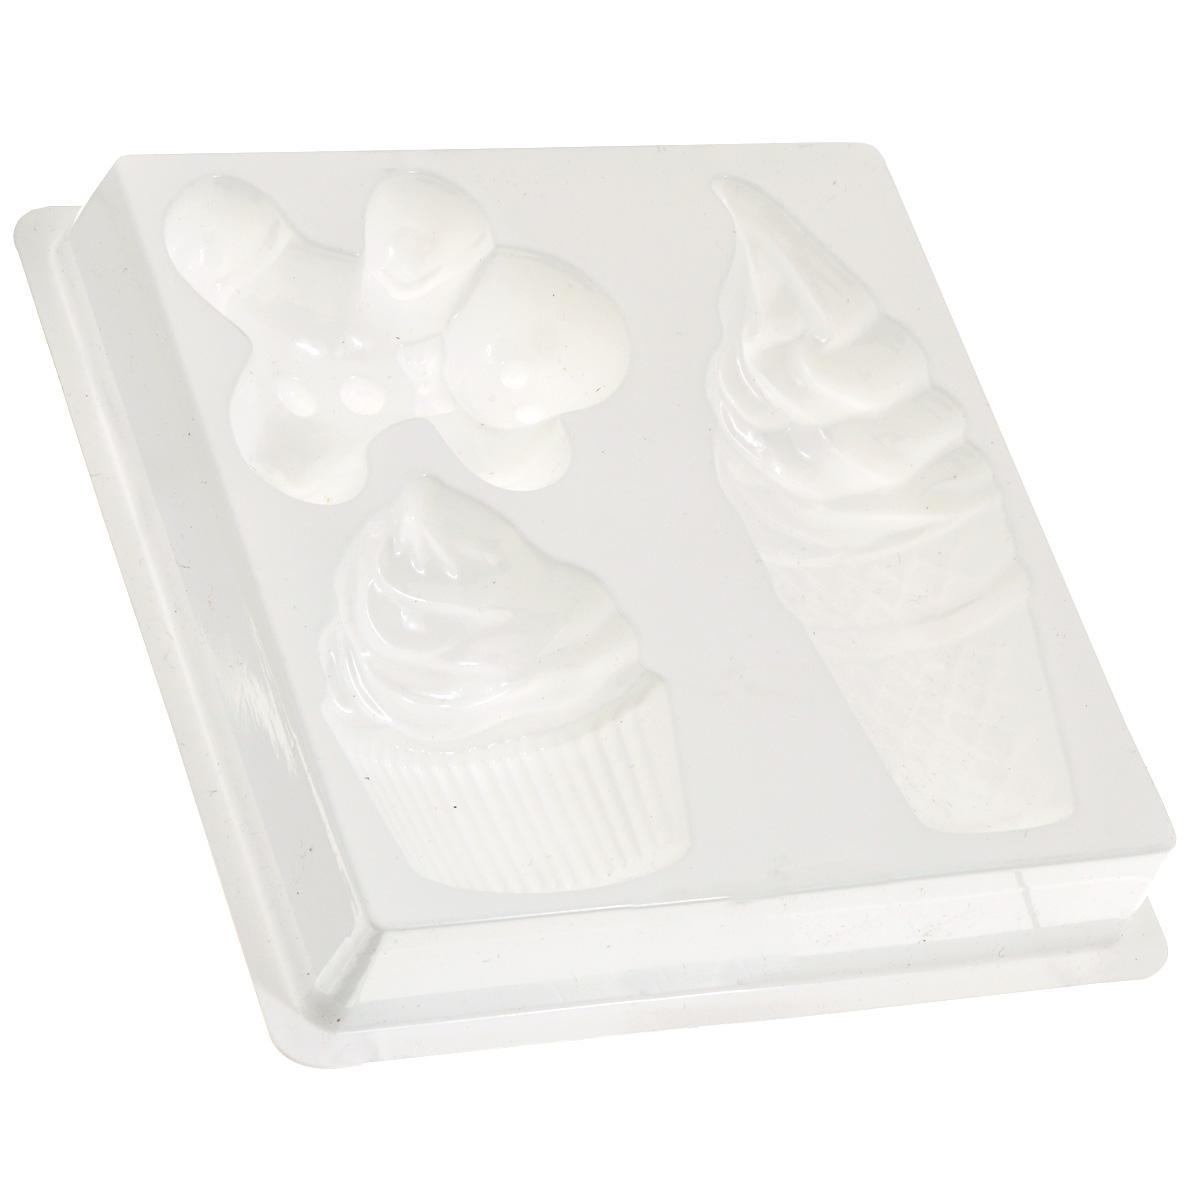 Форма пластиковая профессиональная Десерт, 13 см х 13 см х 2 см, 3 ячейки форма пластиковая весенний листок профессиональная 16 см х 10 5 см х 2 5 см